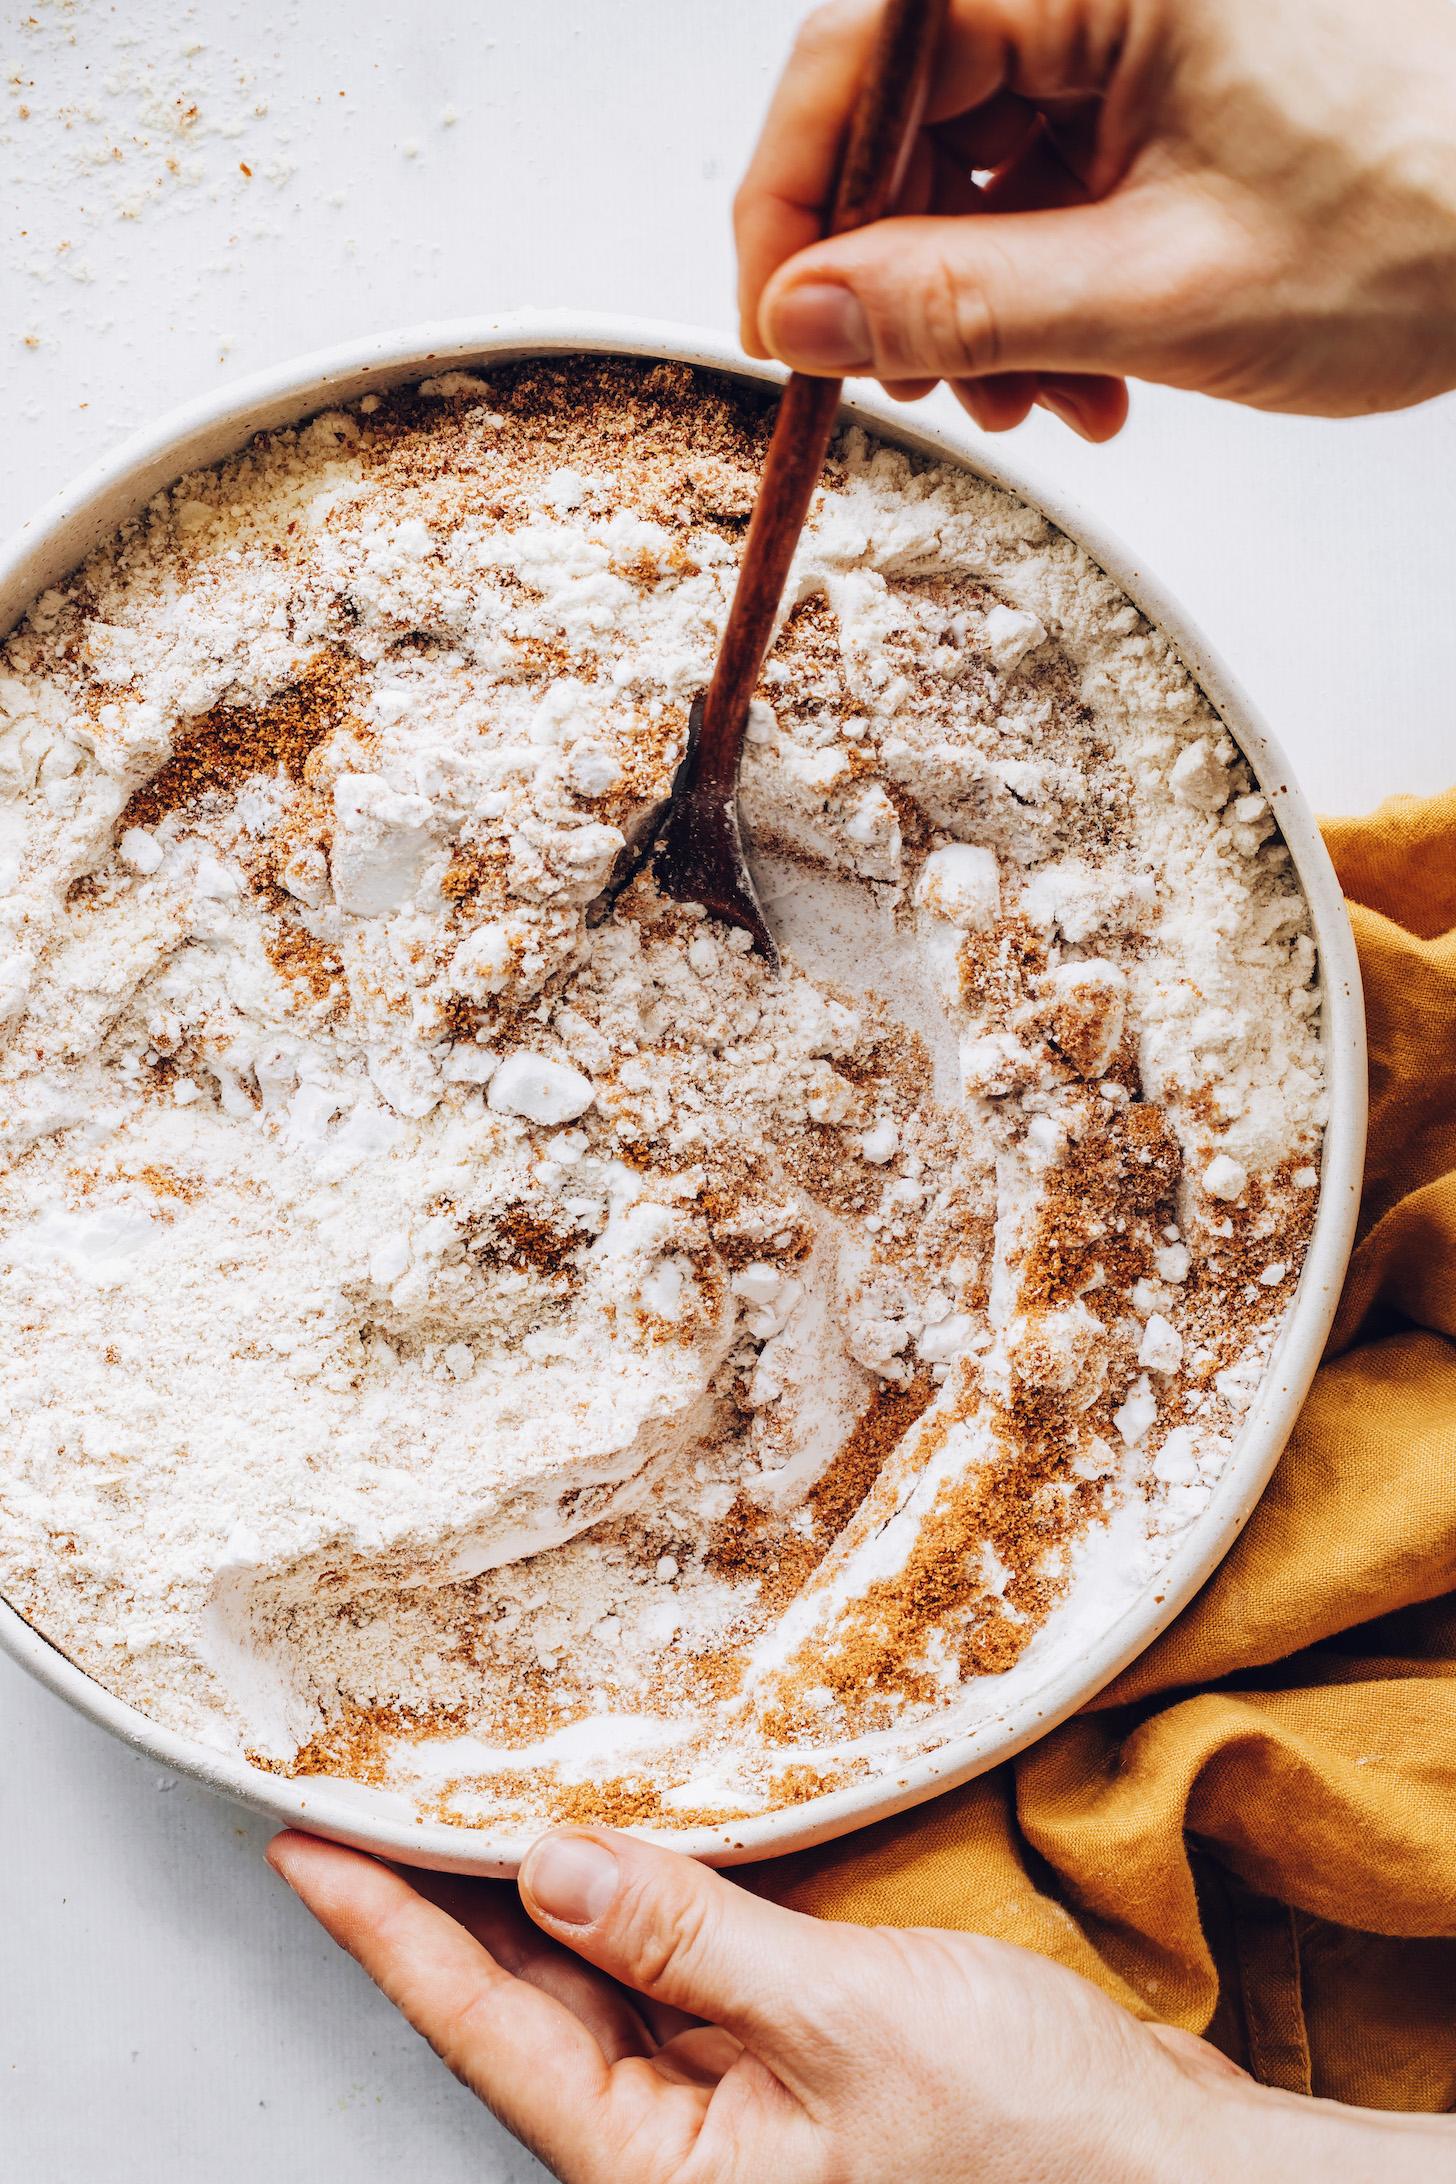 Bir karıştırma kabında glutensiz un, keten tohumu ve hindistancevizi şekerini karıştırın